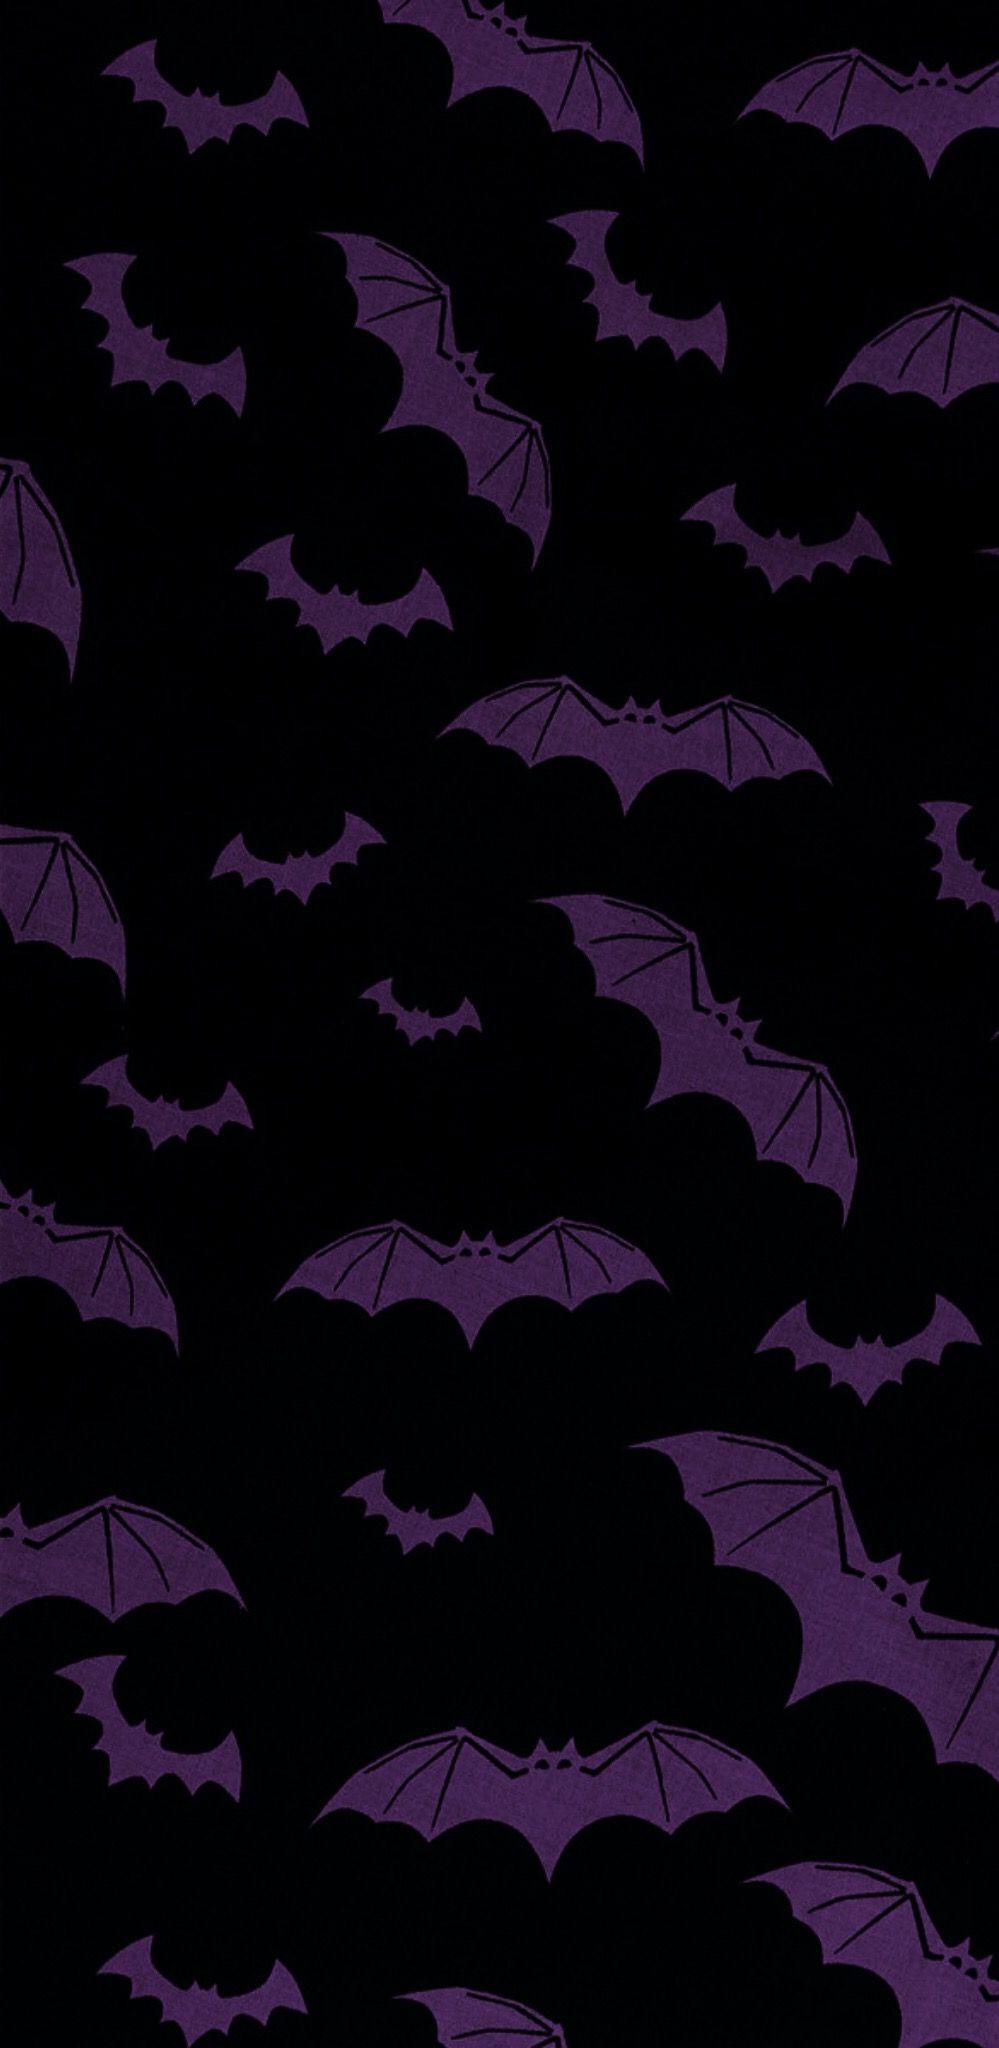 Batty Wallpaper Halloween Wallpaper Iphone Goth Wallpaper Gothic Wallpaper